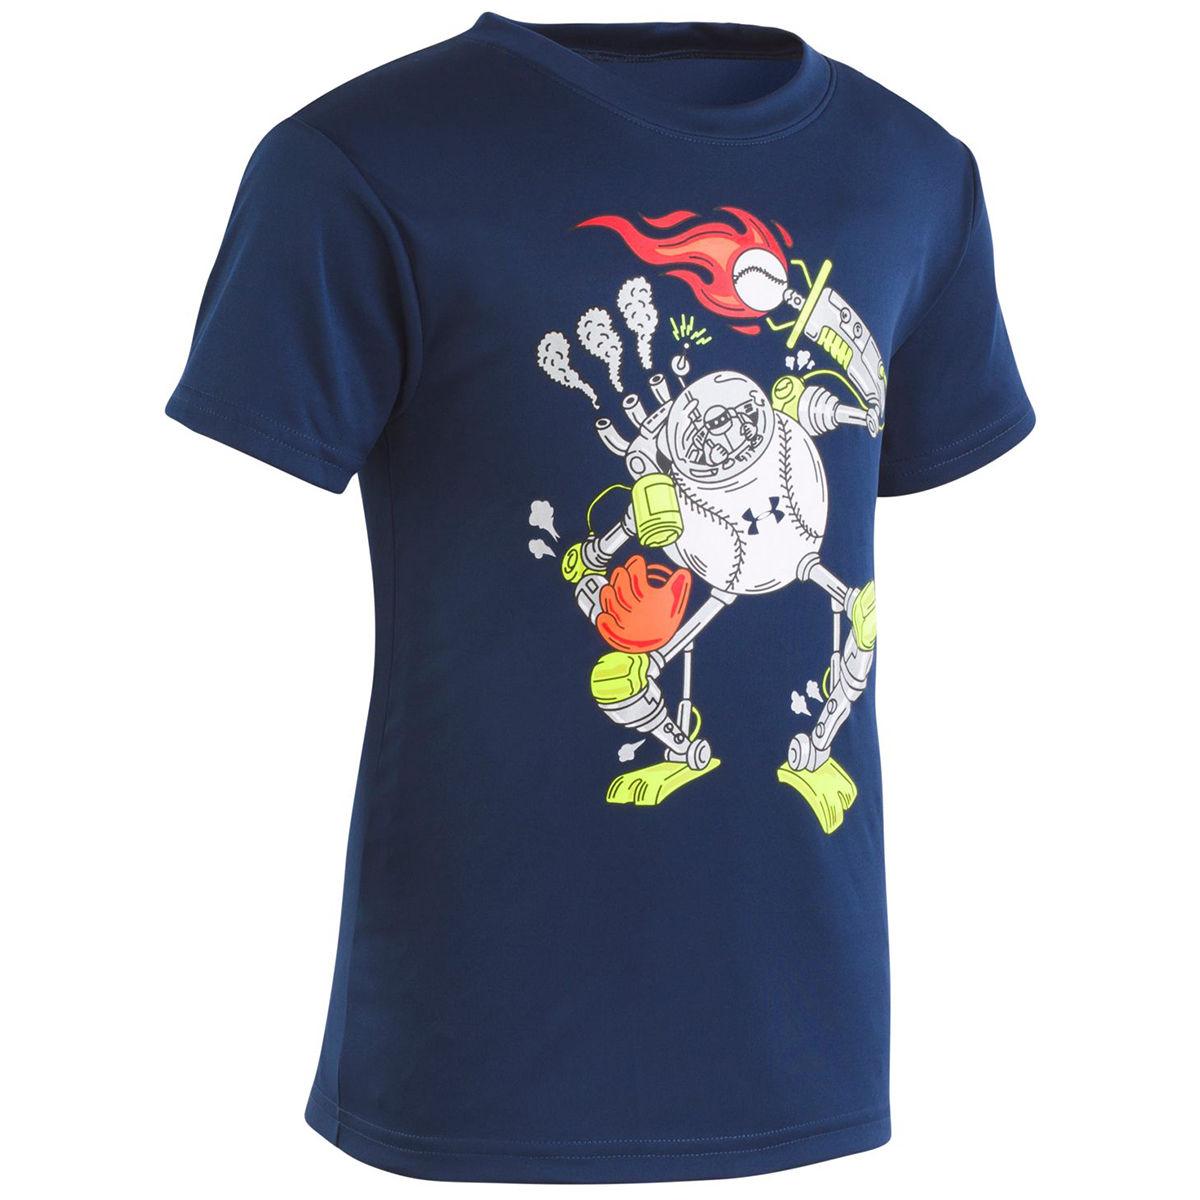 Under Armour Boys' Baseball Robot T-Shirt - Blue, 6